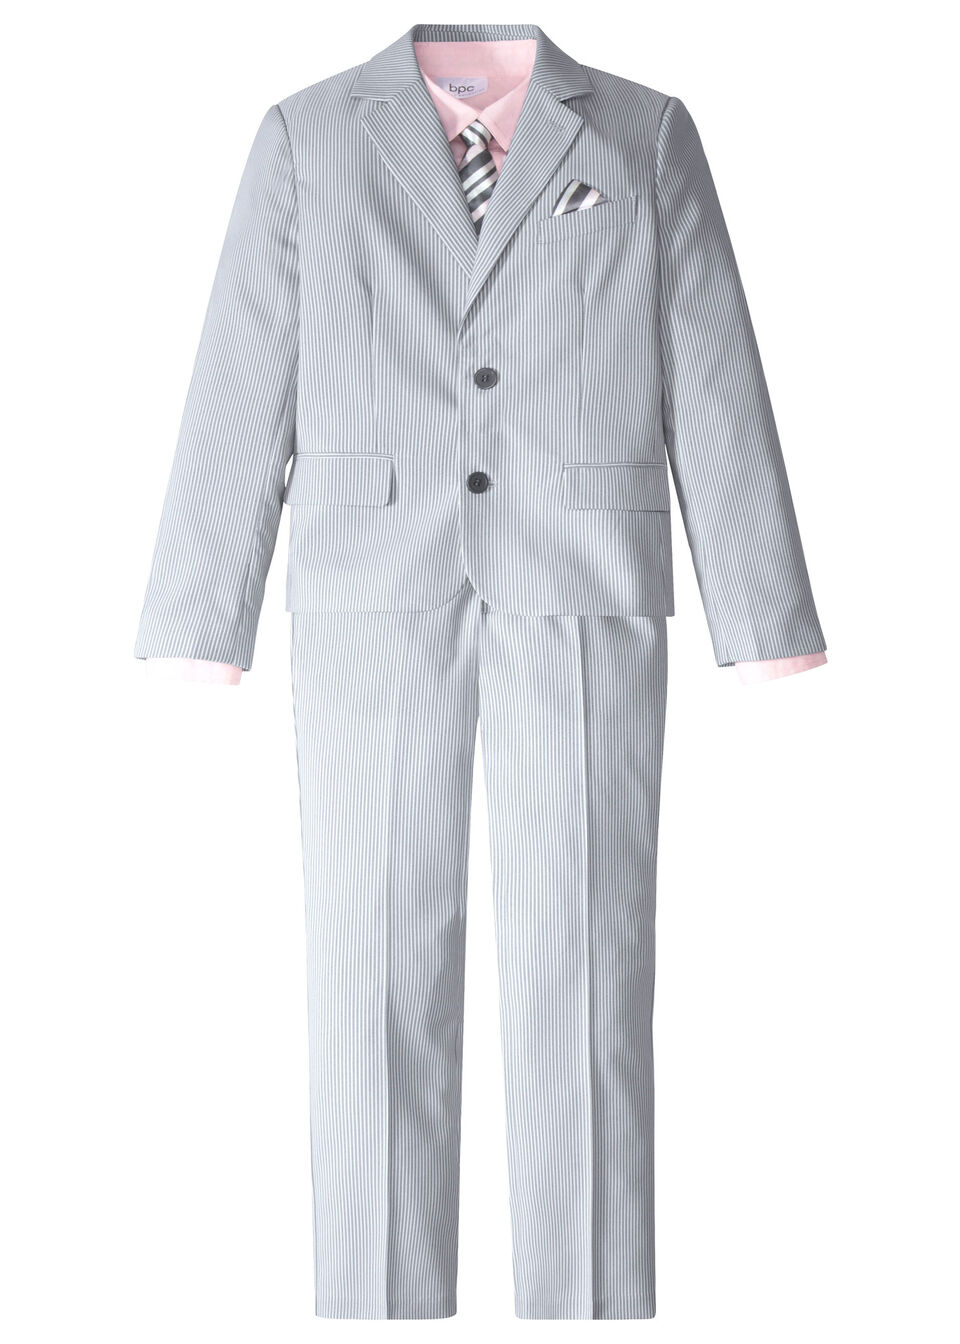 Garnitur chłopięcy 4 częściowy: marynarka + spodnie+  koszula + krawat bonprix dymny szary - biały w paski + jasnoróżowy